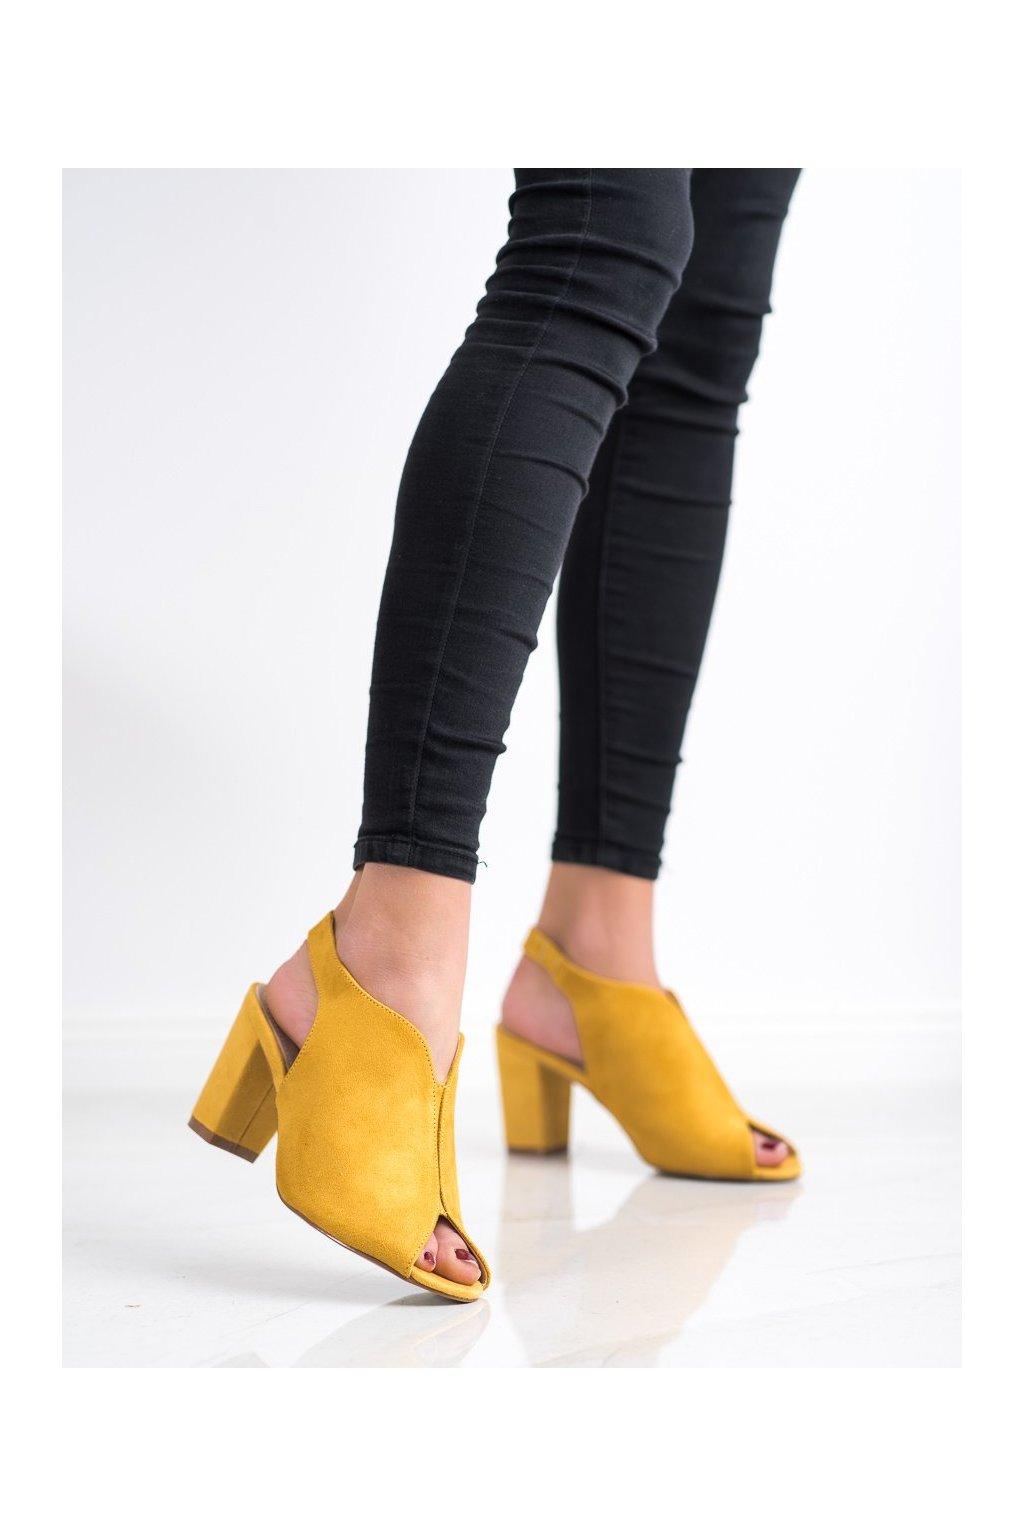 Žlté sandále na podpätku Goodin kod GD-FL1503Y